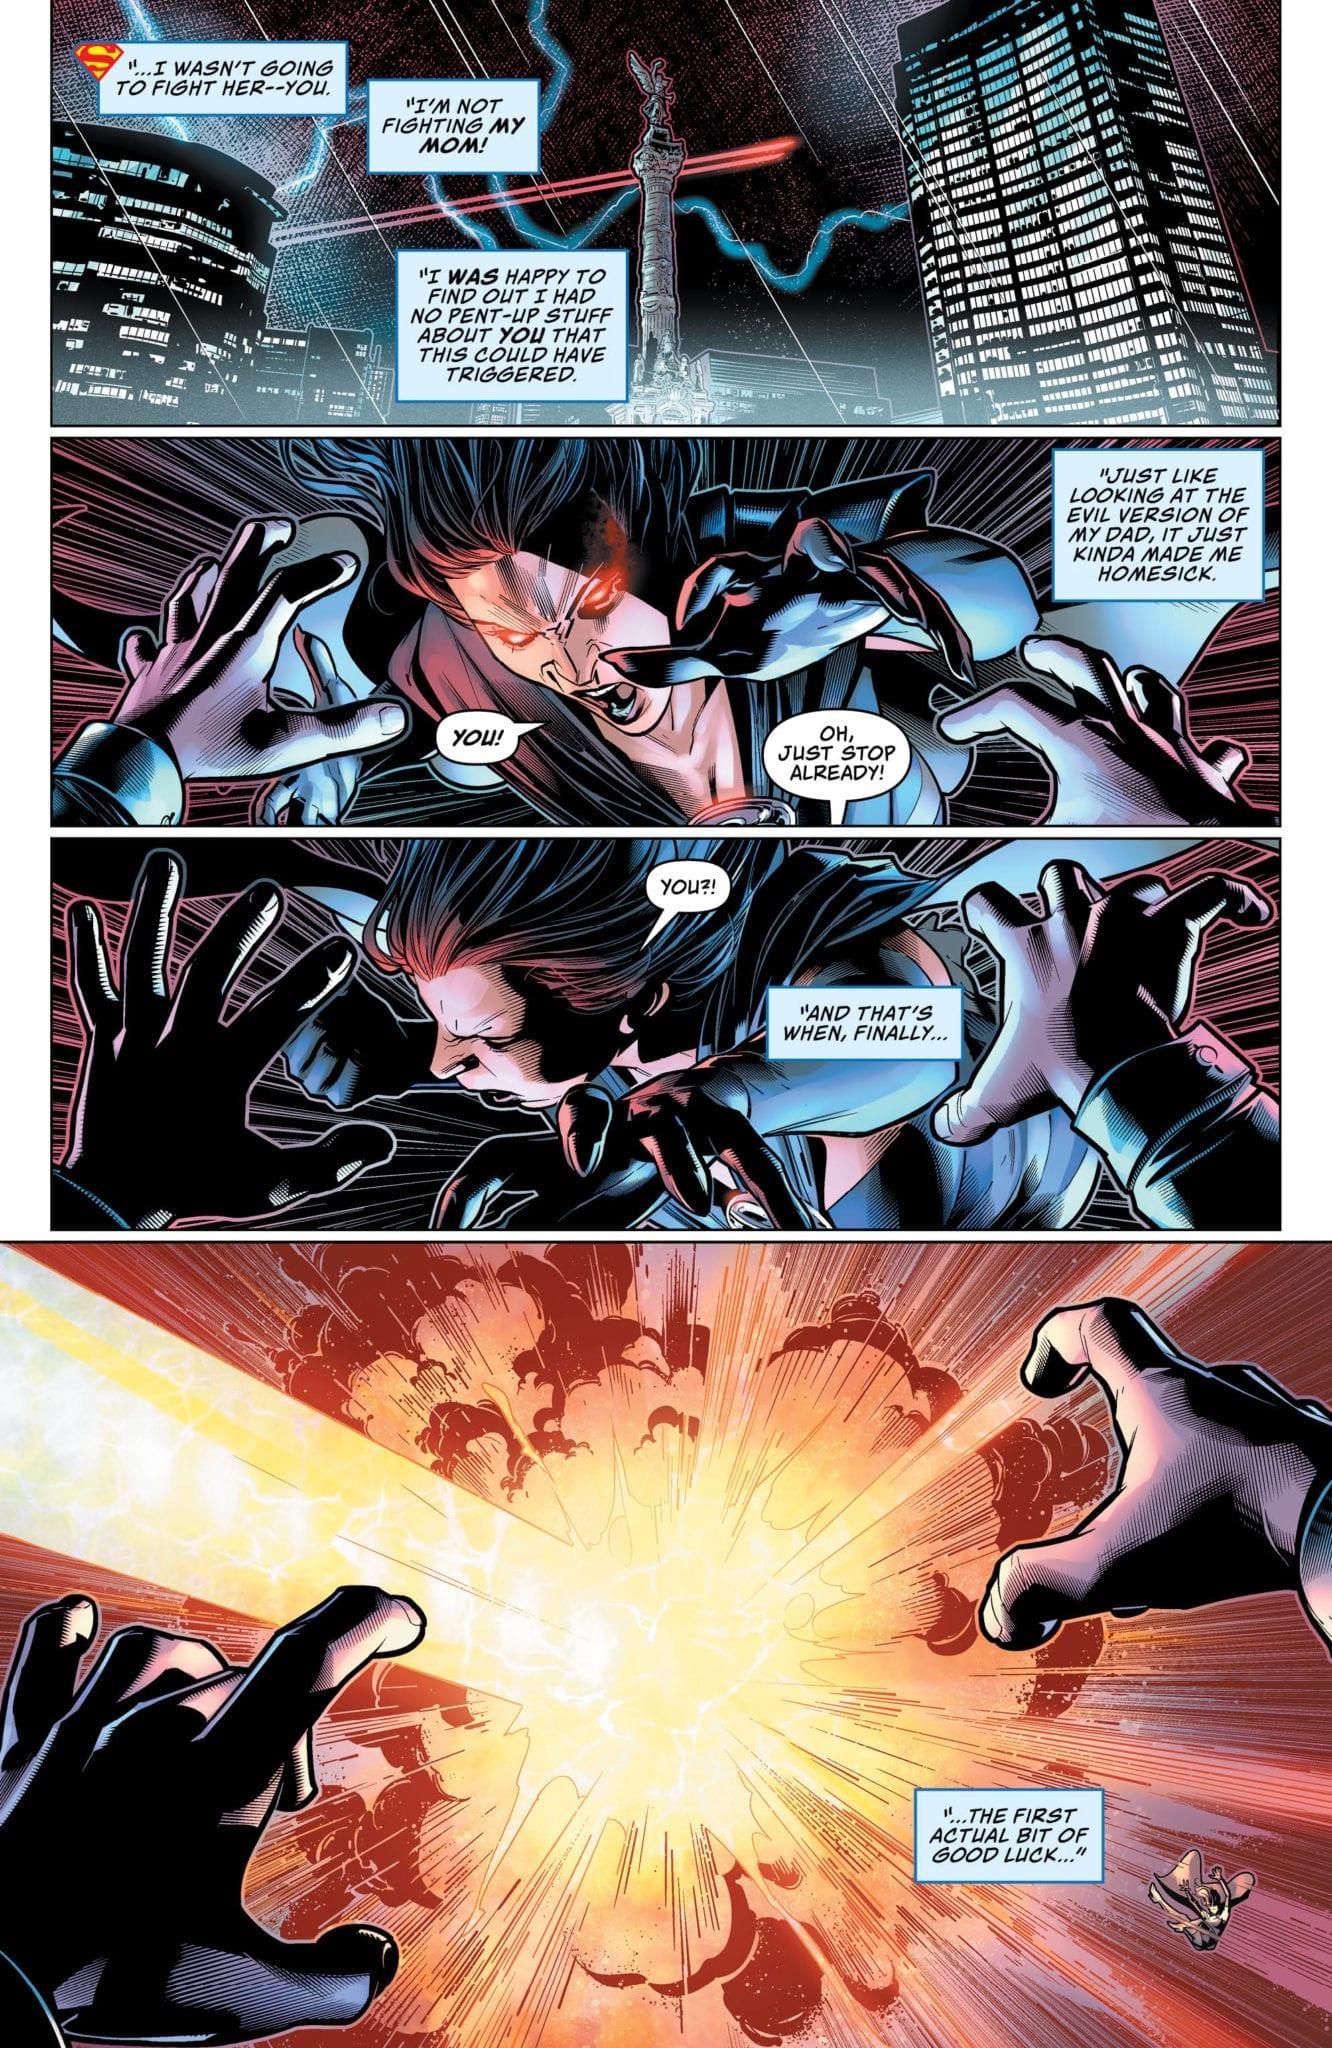 Superboy escaping through space